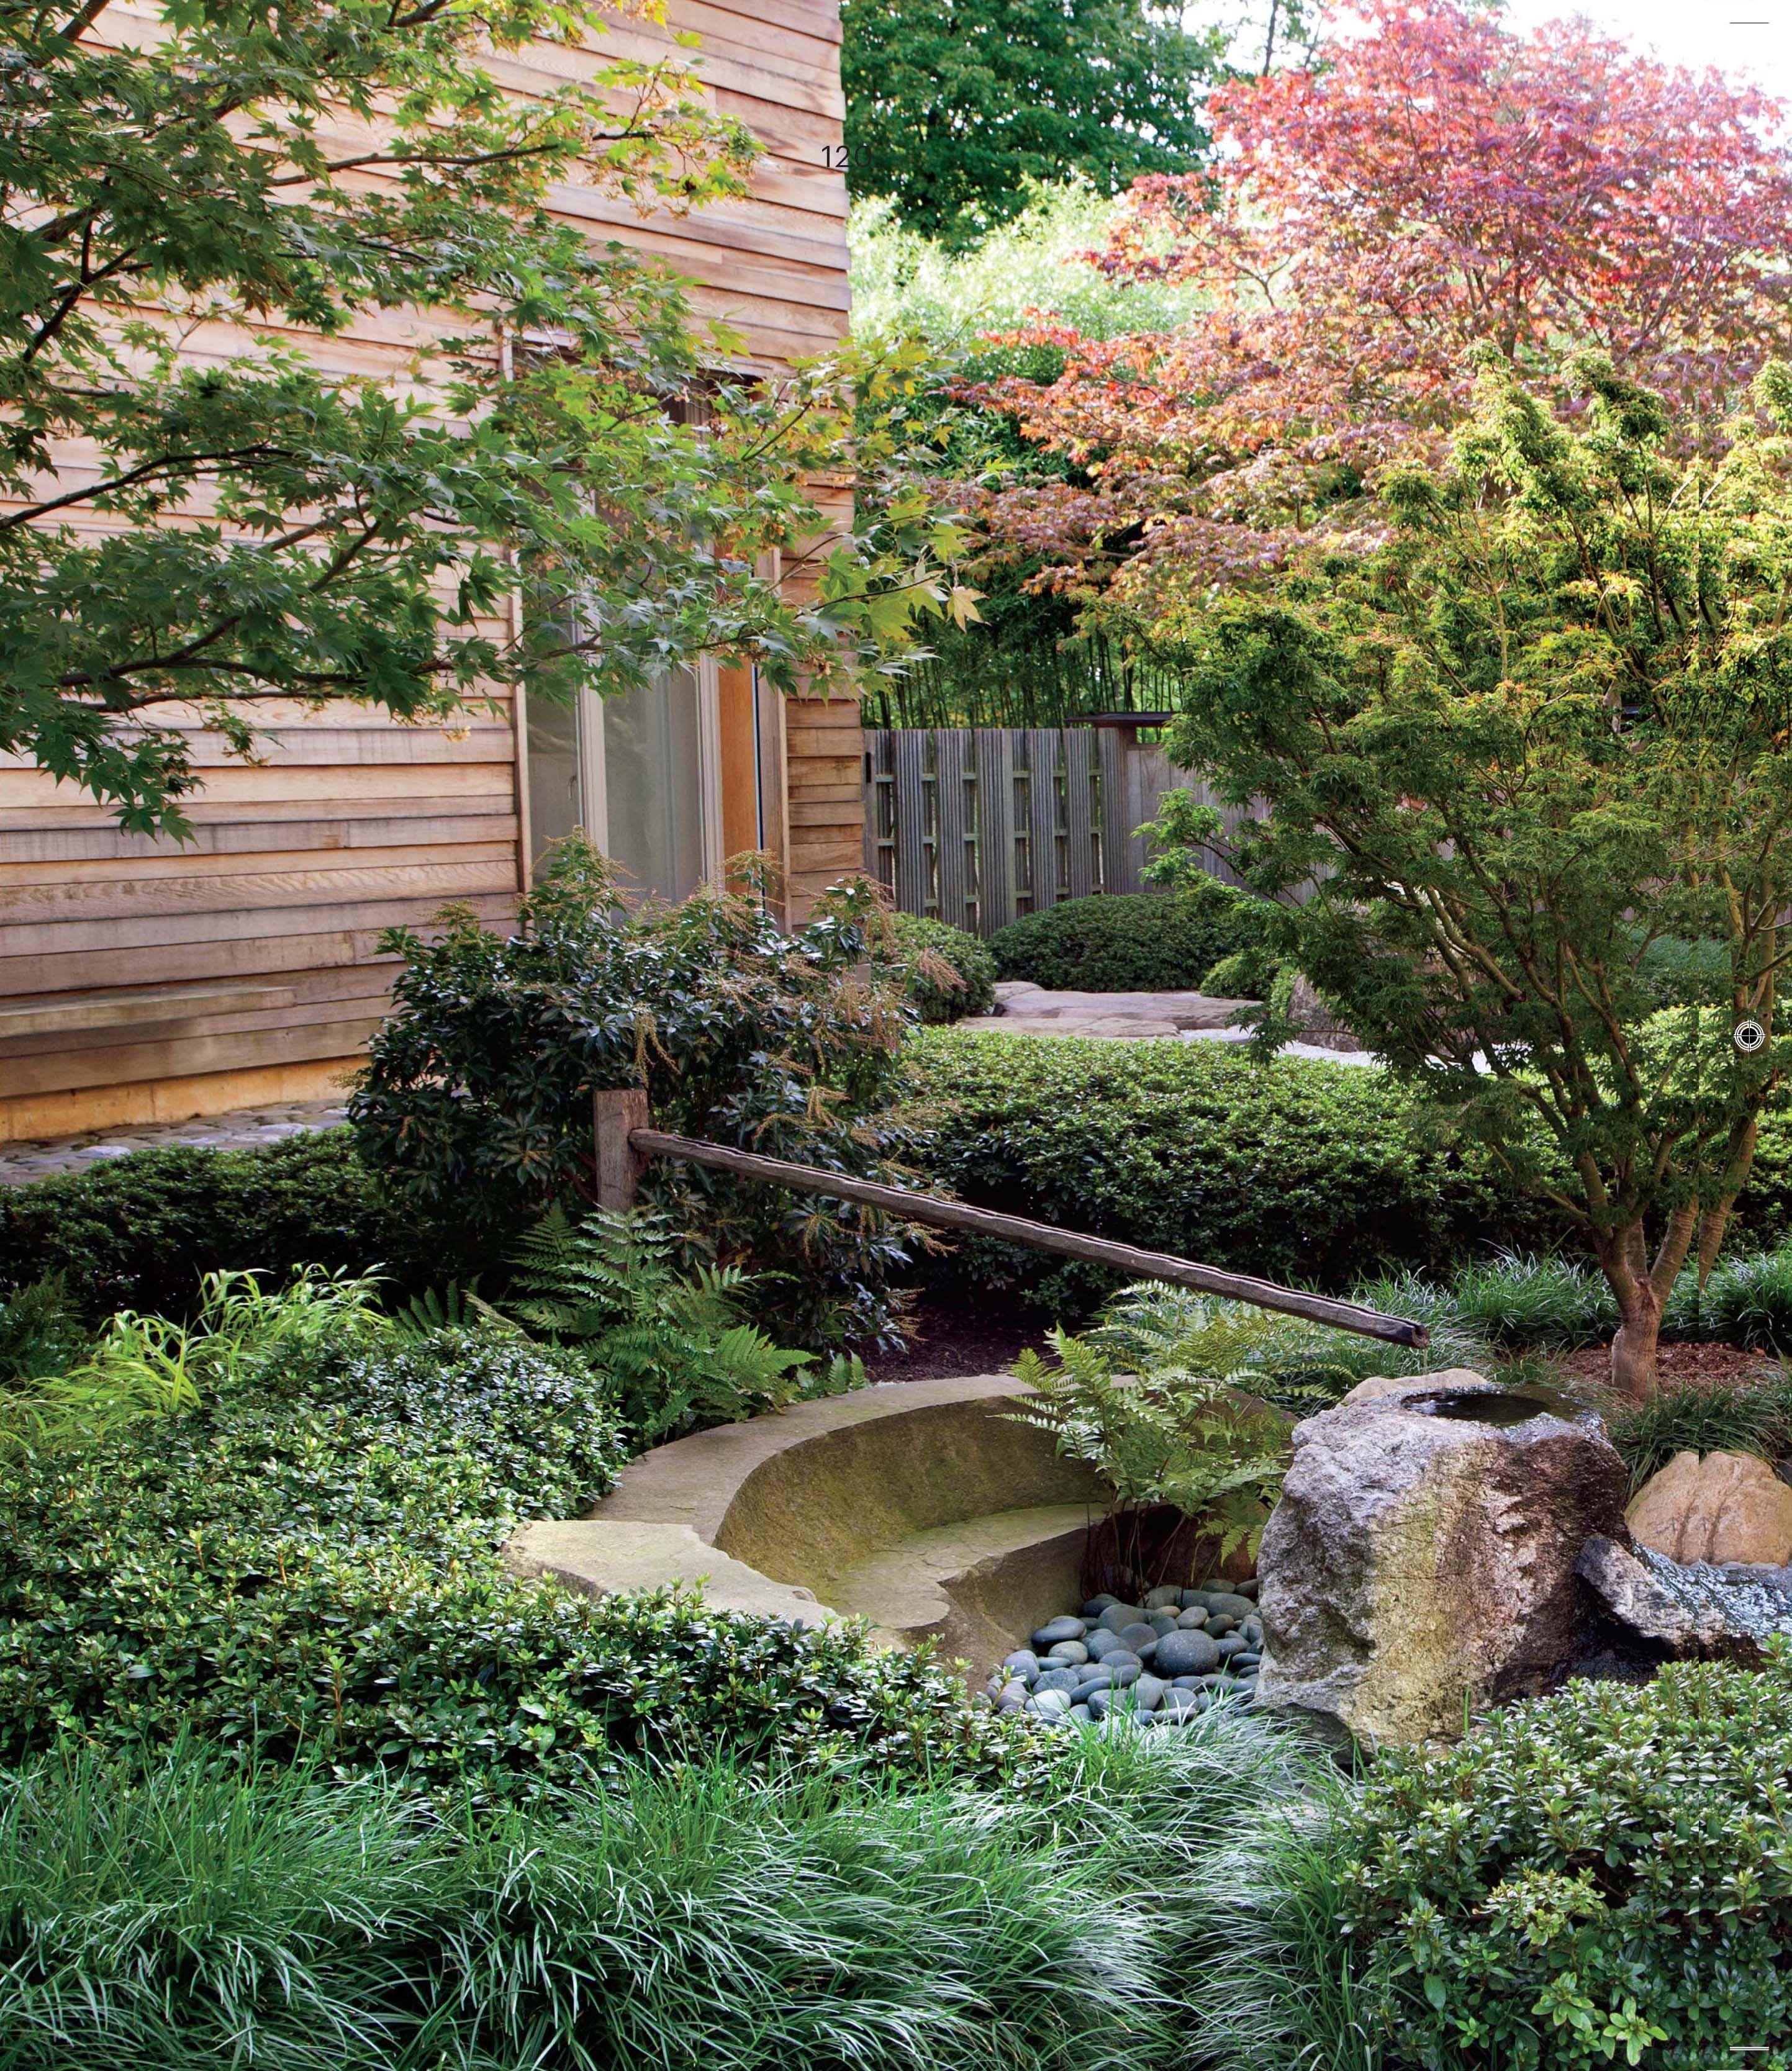 How to Make a Japanese Garden | Japanese rock garden ...